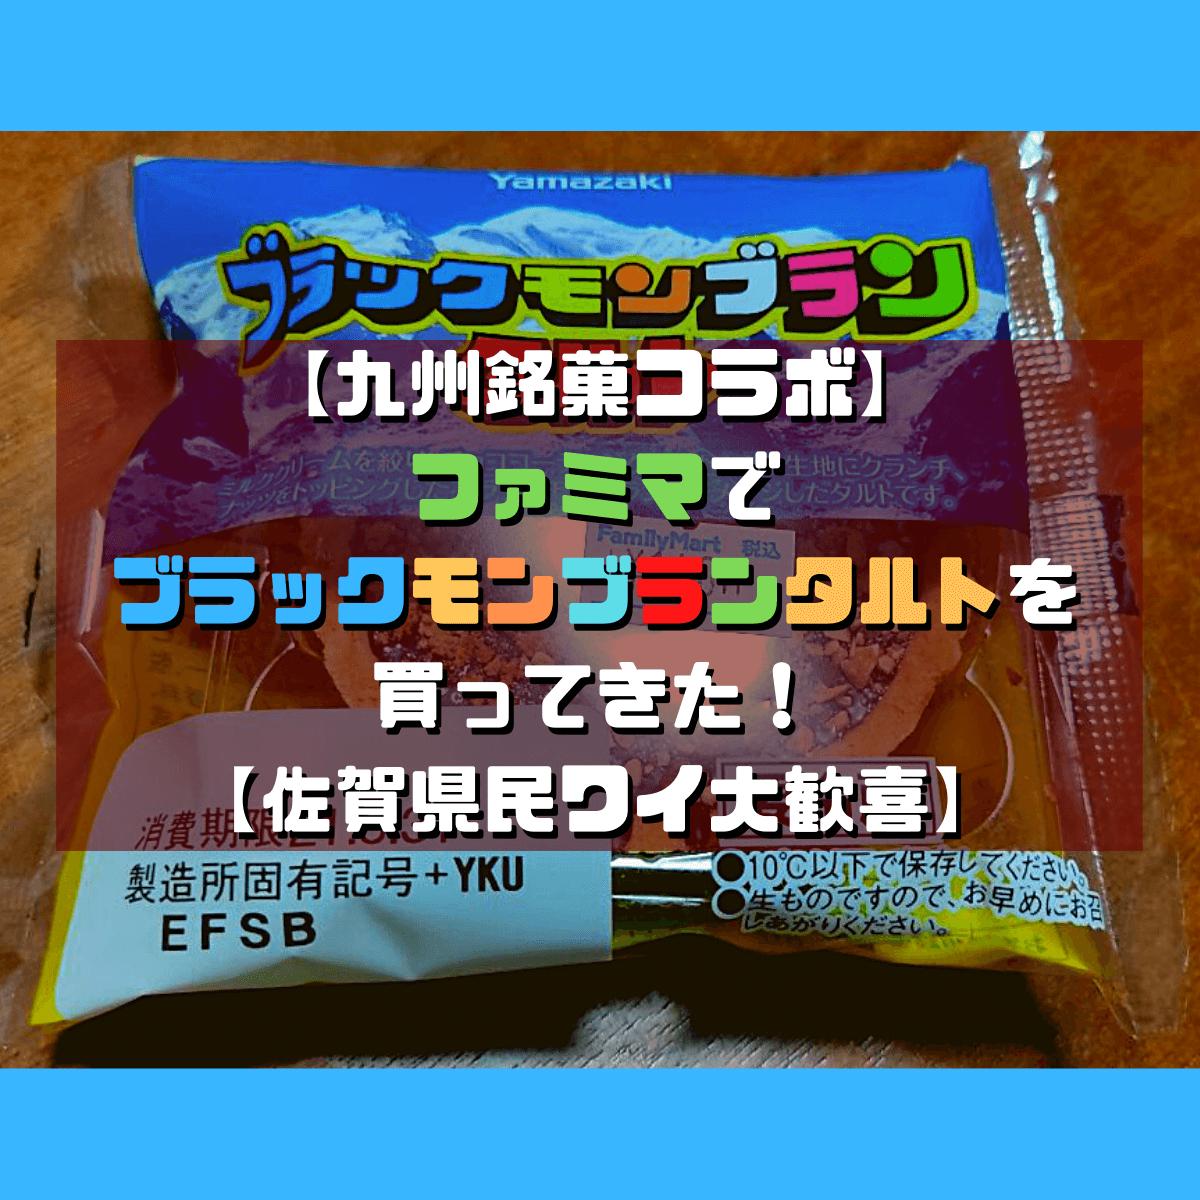 【九州銘菓コラボ】 ファミマで ブラックモンブランタルトを 買ってきた! 【佐賀県民ワイ大歓喜】